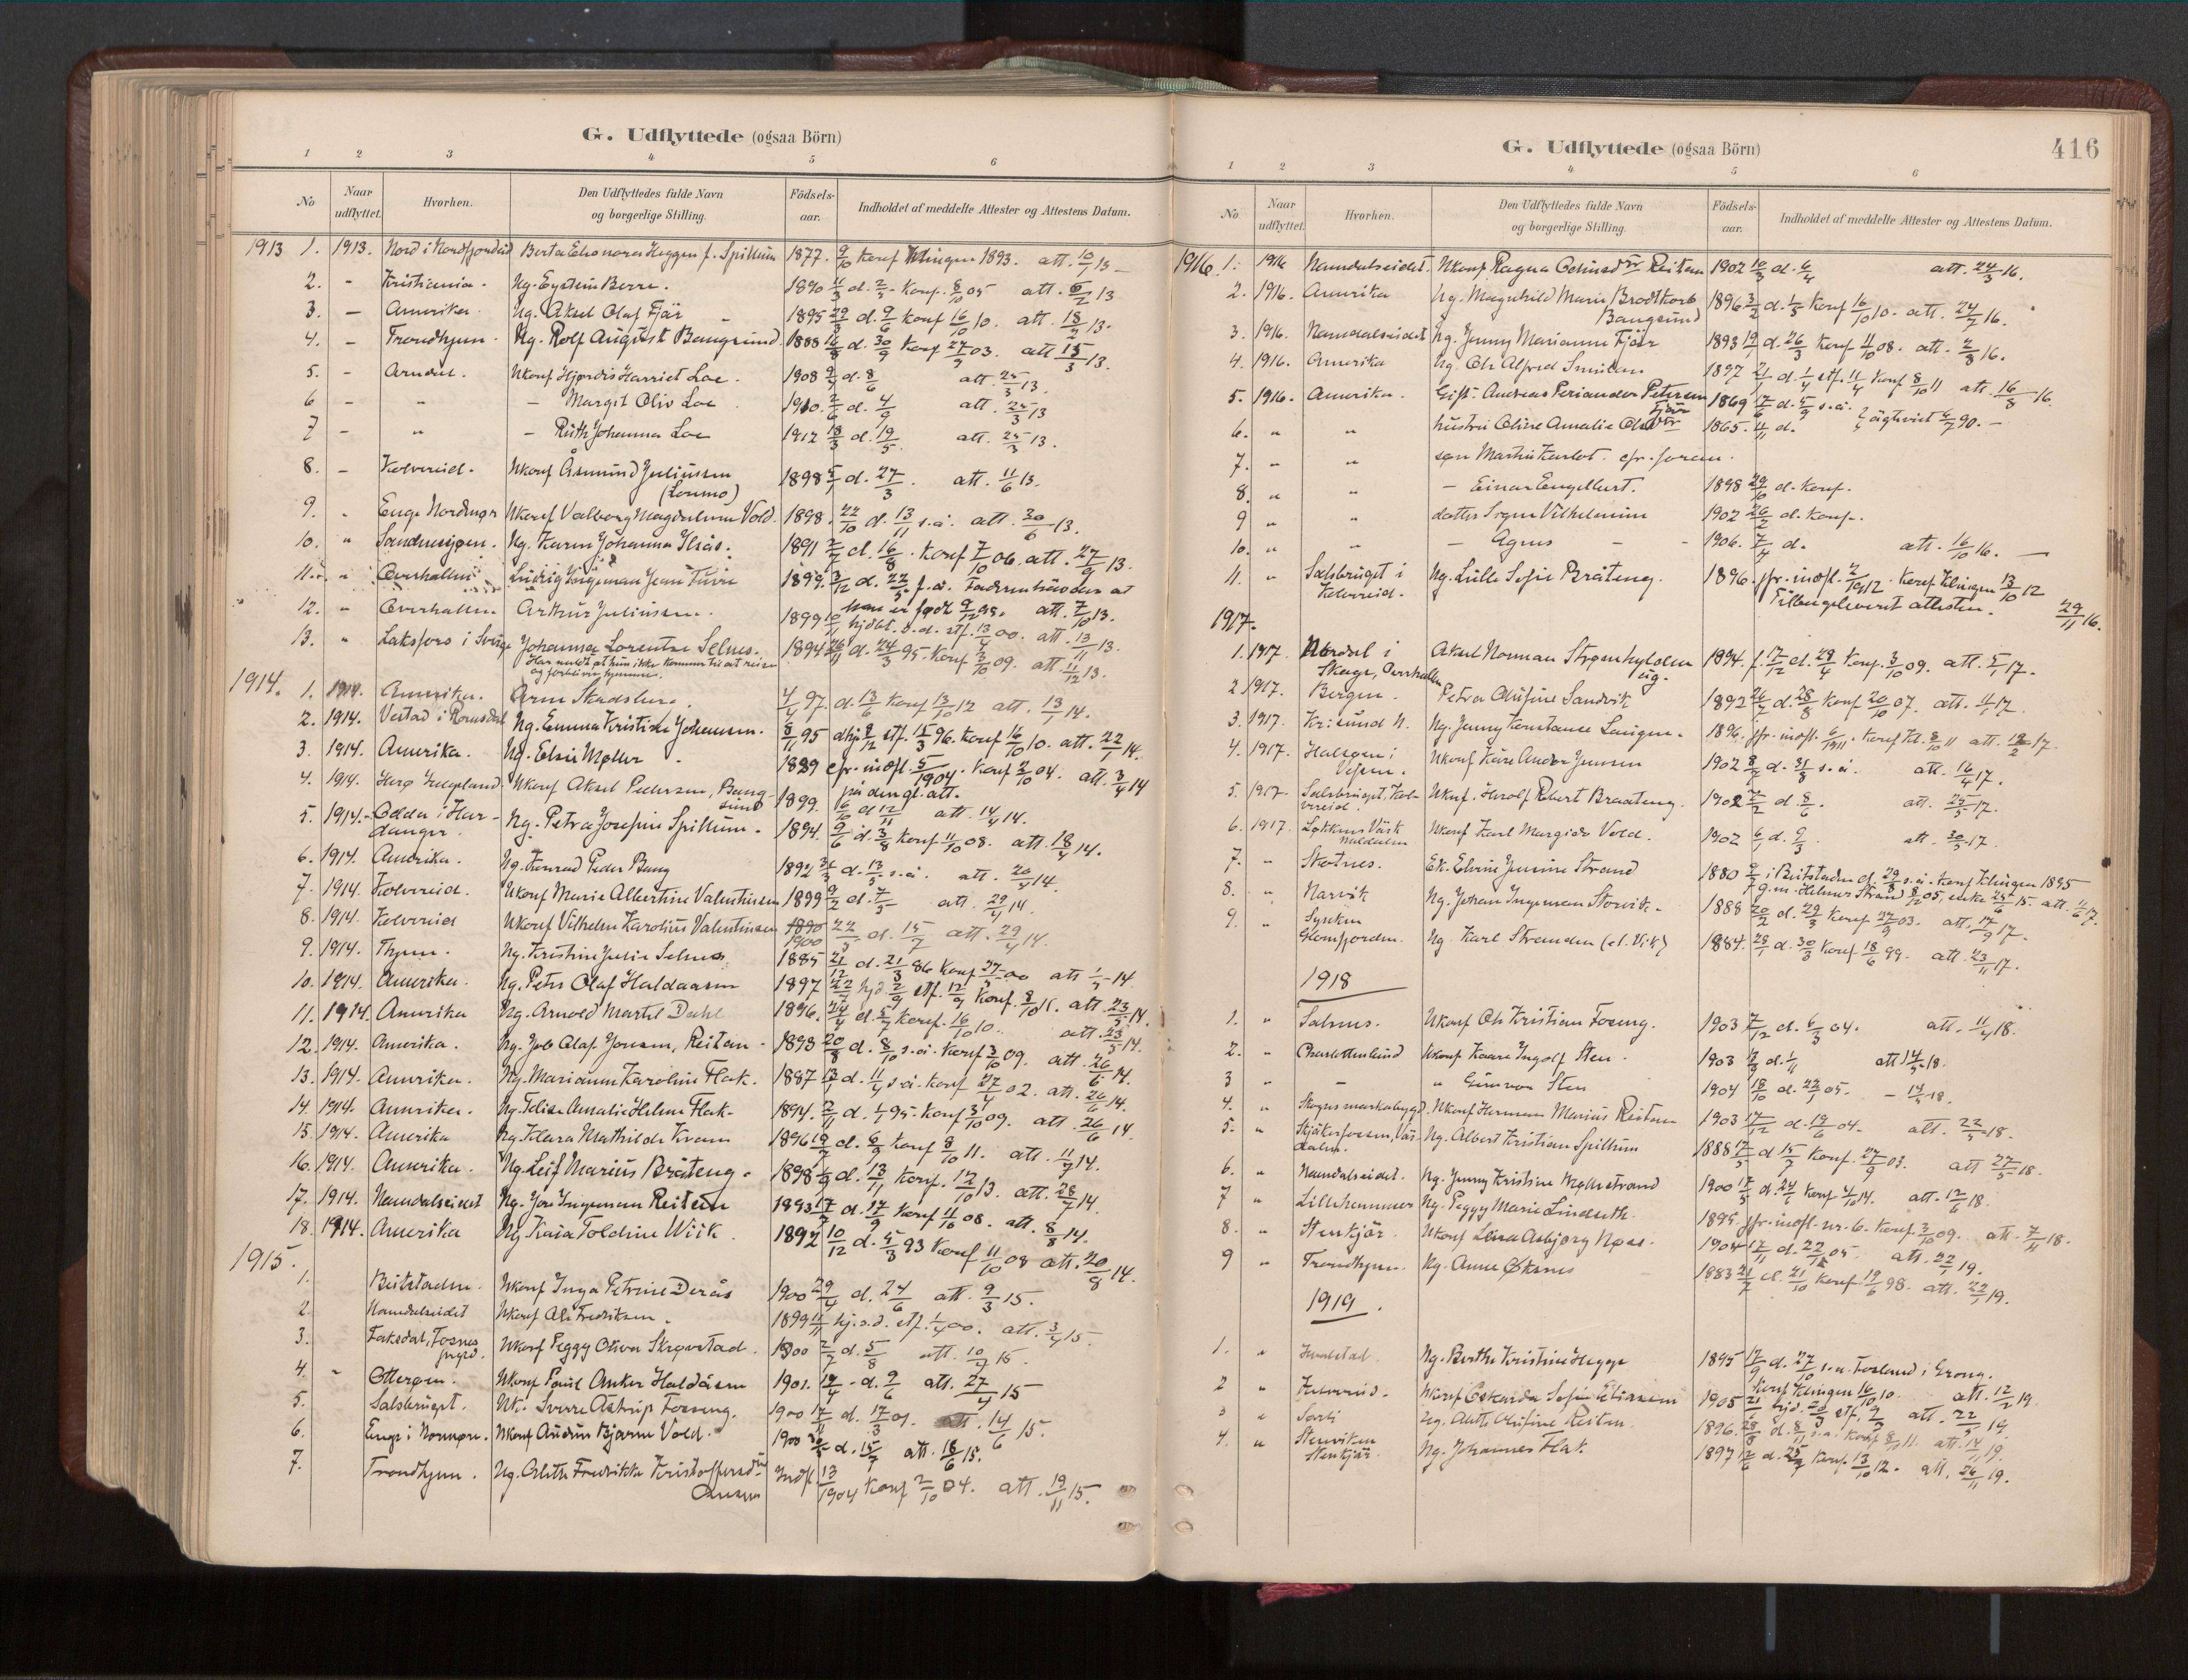 SAT, Ministerialprotokoller, klokkerbøker og fødselsregistre - Nord-Trøndelag, 770/L0589: Ministerialbok nr. 770A03, 1887-1929, s. 416